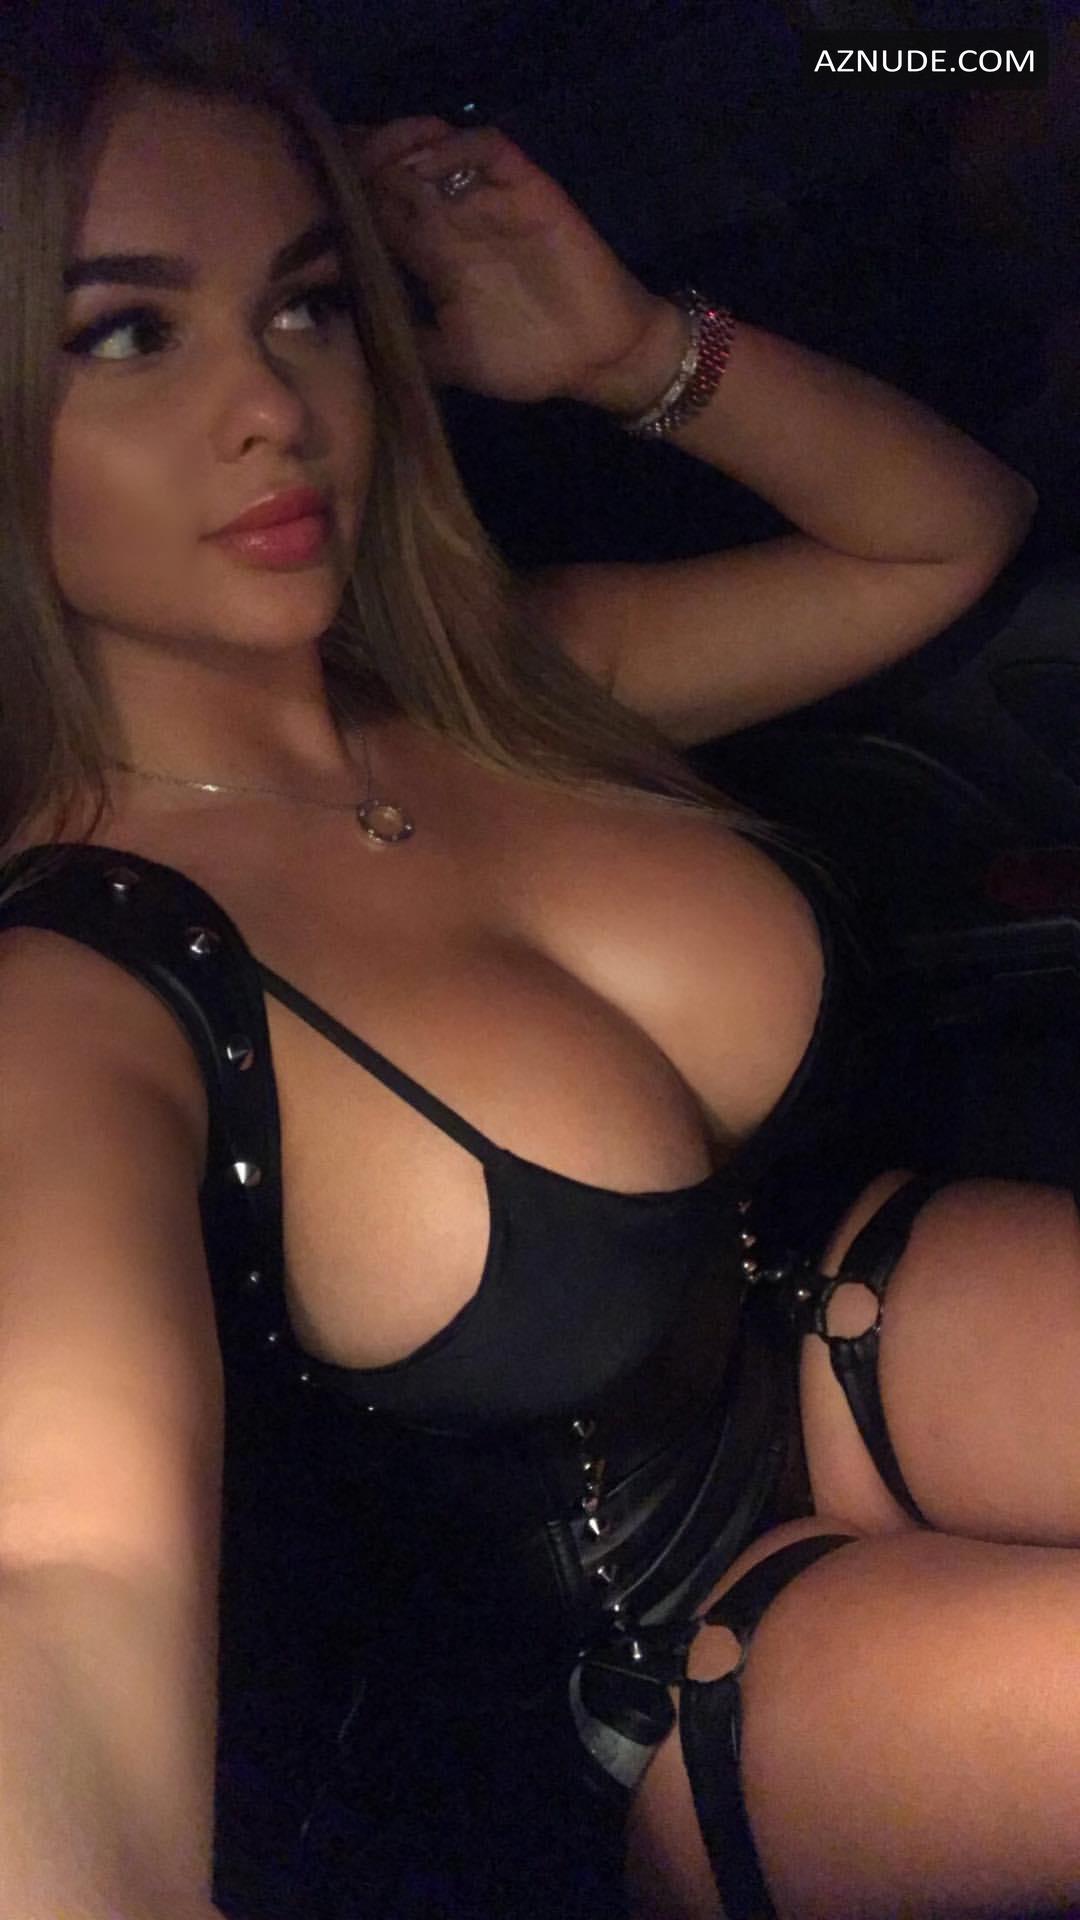 Anastasia Kvitko Nude anastasia kvitko sexy for halloween in miami - aznude